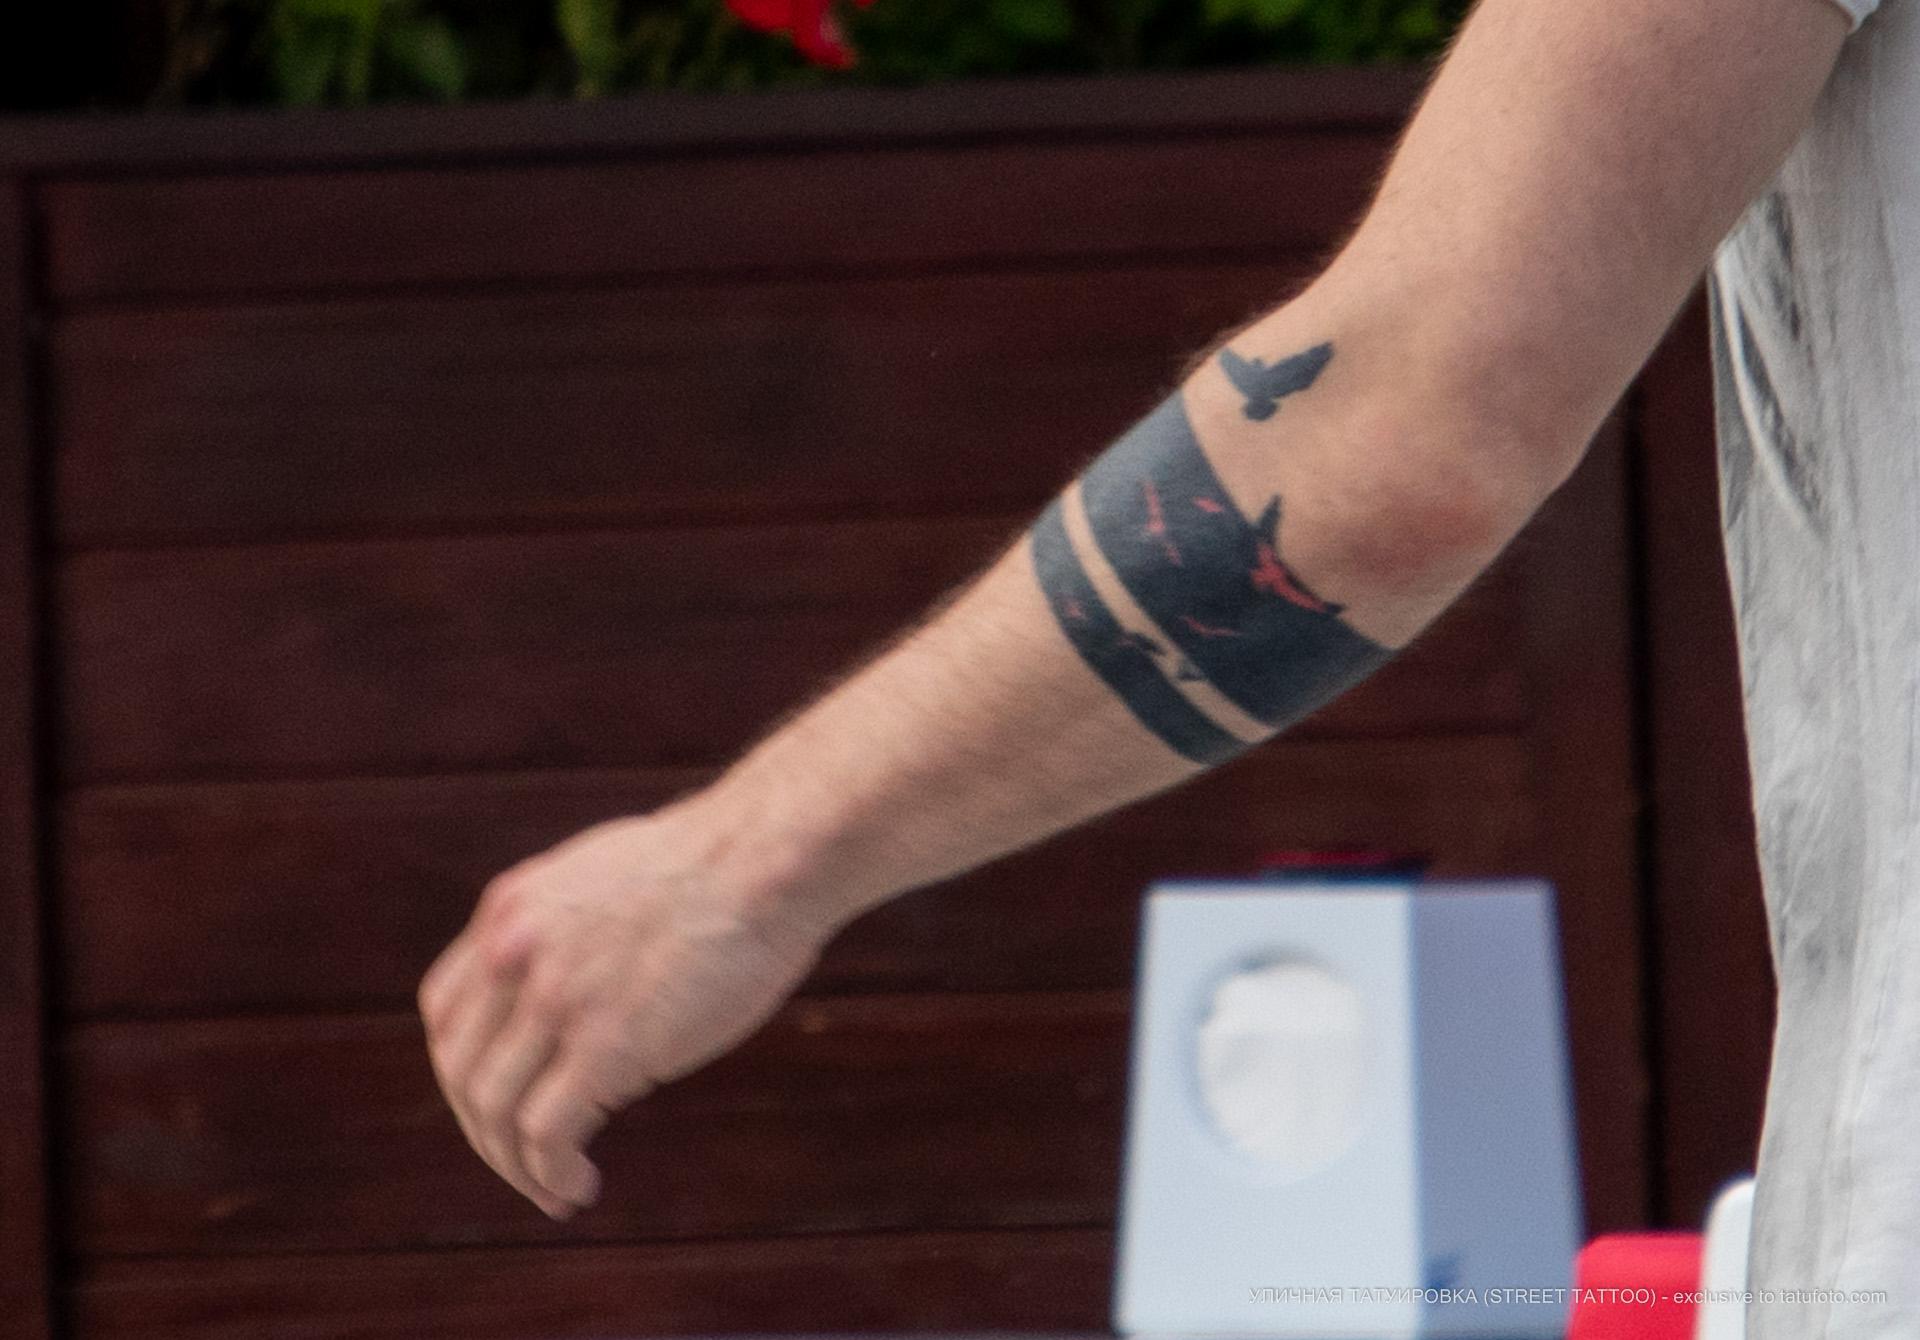 Татуировка с птицами и линиями браслетом на руке парня – Уличная татуировка (street tattoo) № 06 – 18.06.2020 – tatufoto.com 3